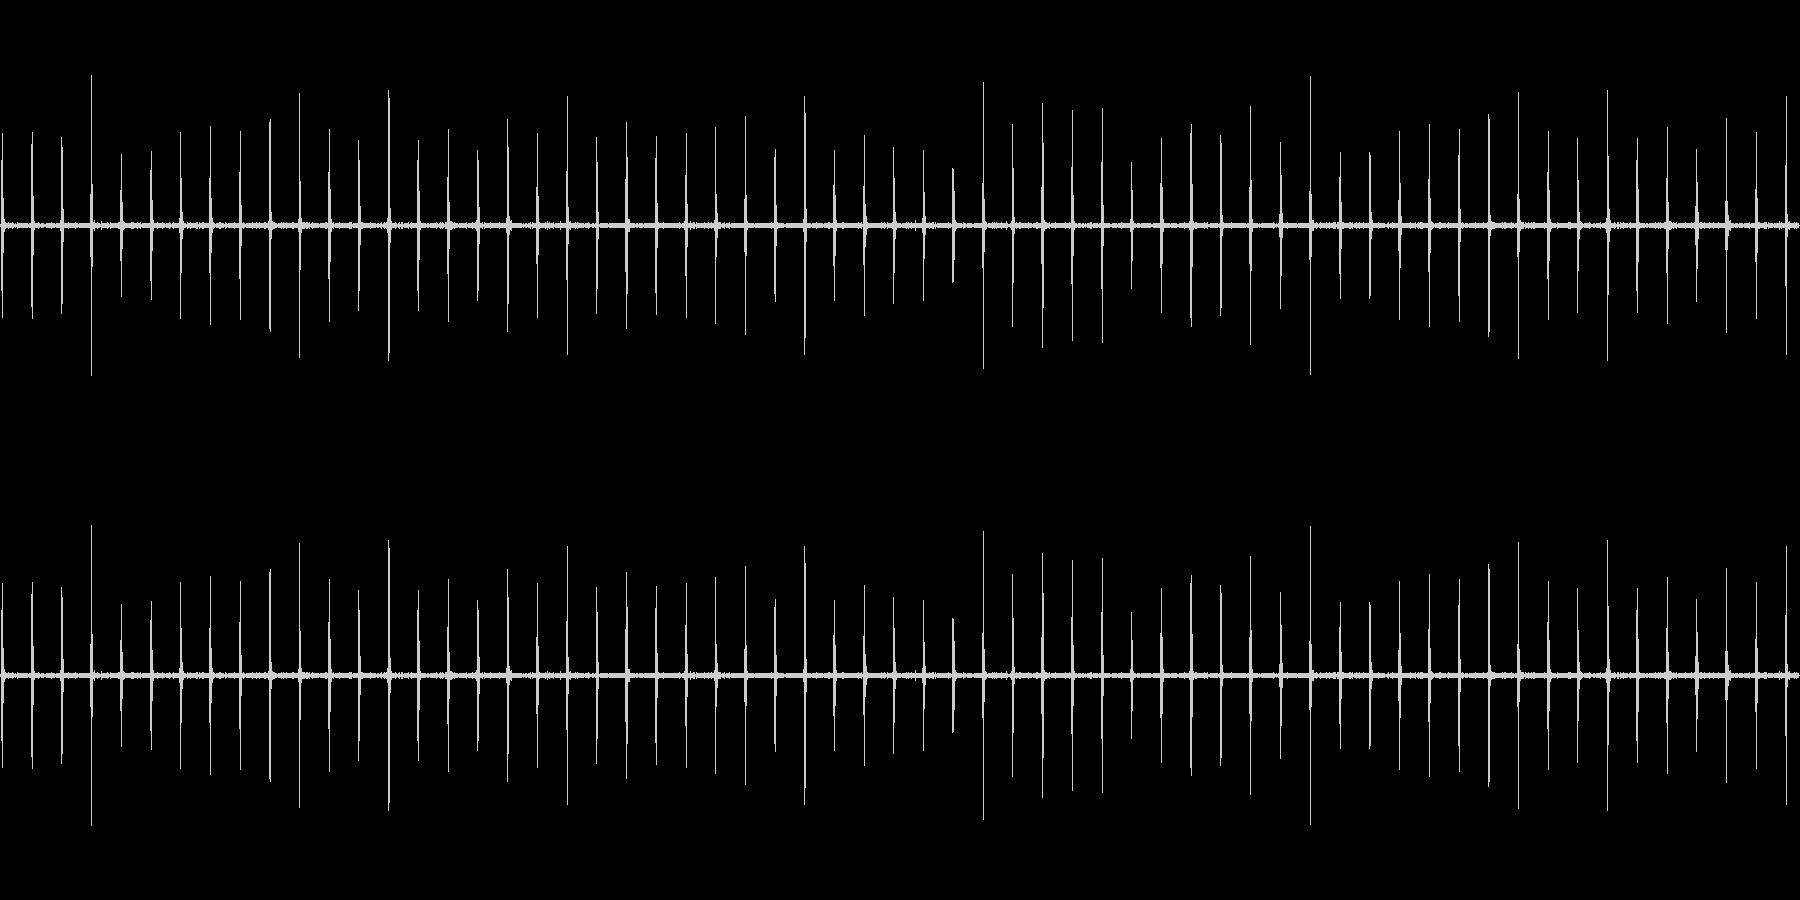 目覚まし時計の秒針が刻む音_1分ループの未再生の波形